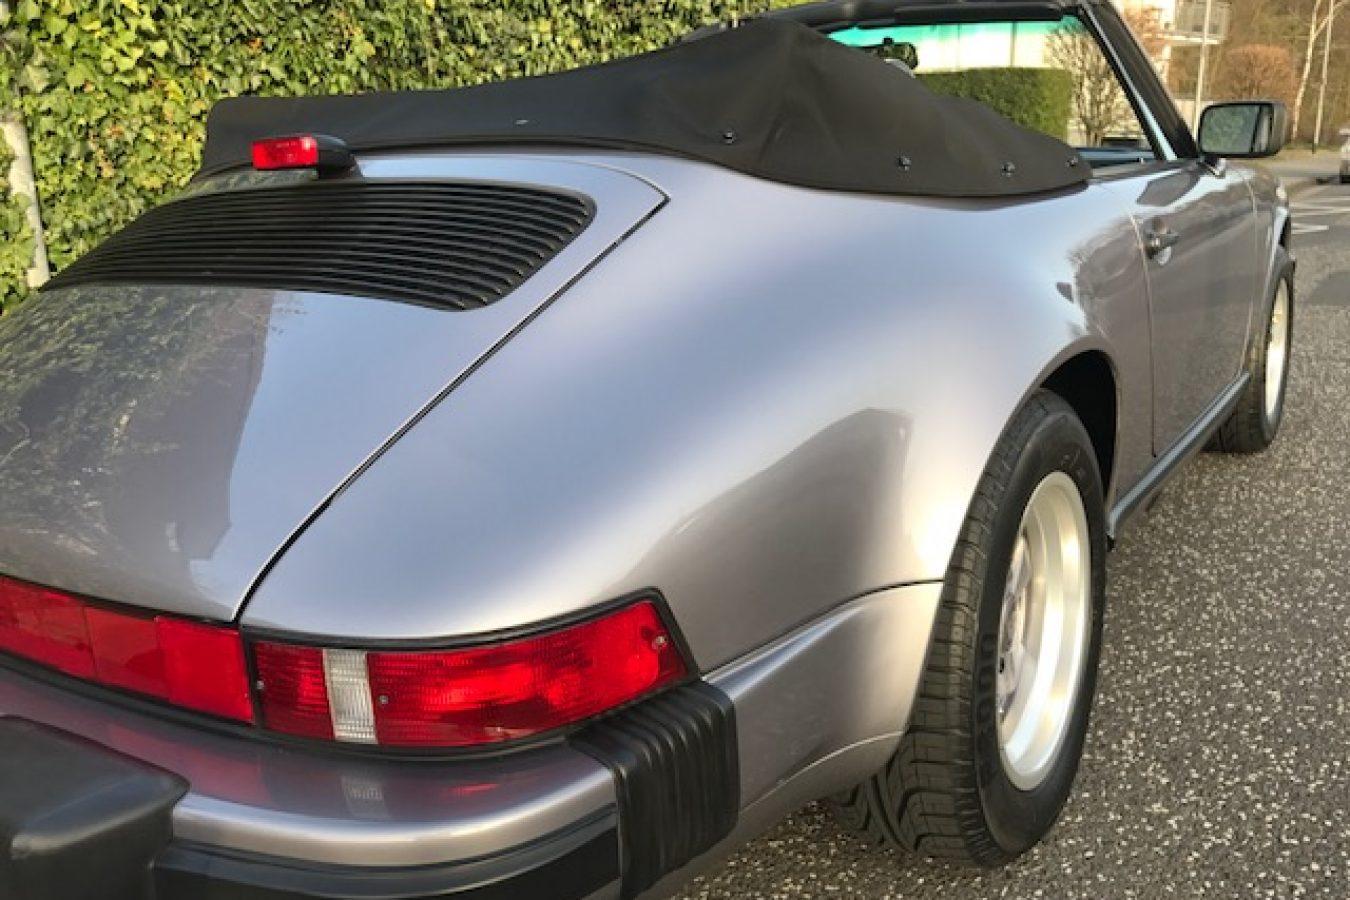 Porsche G-Model Cabrio